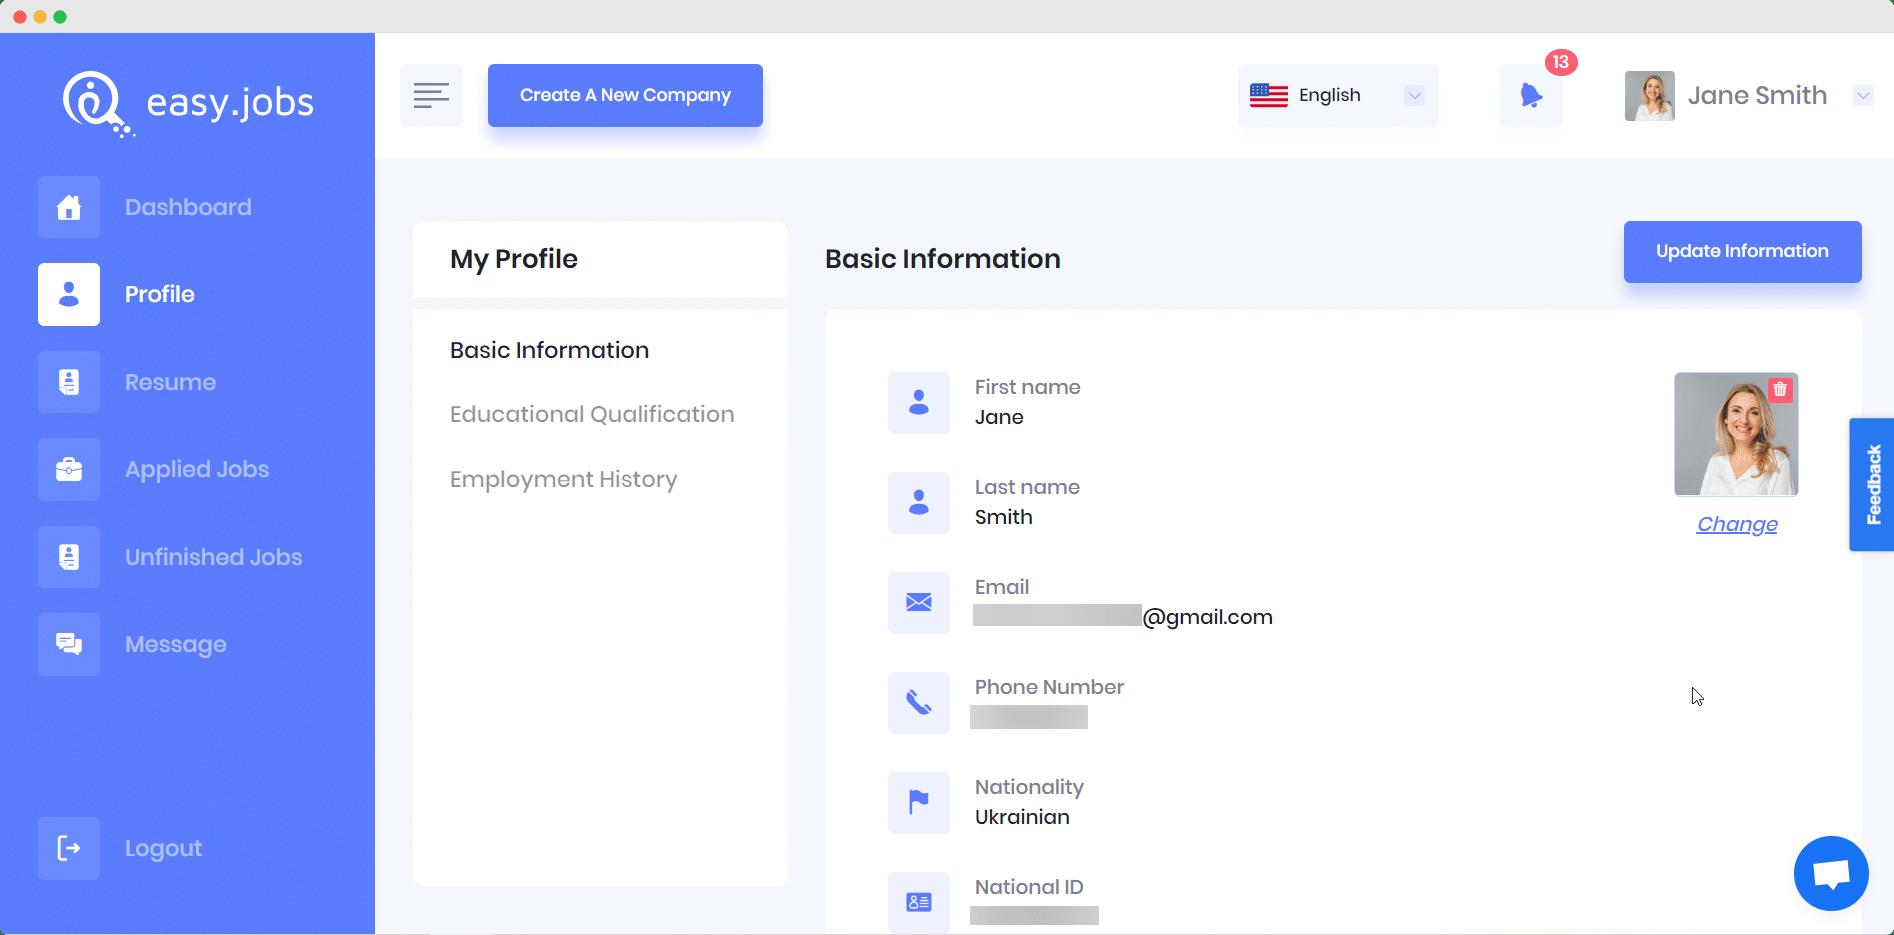 Easy.Jobsを使用して5分で見事なキャリアサイトを作成[無料] 1